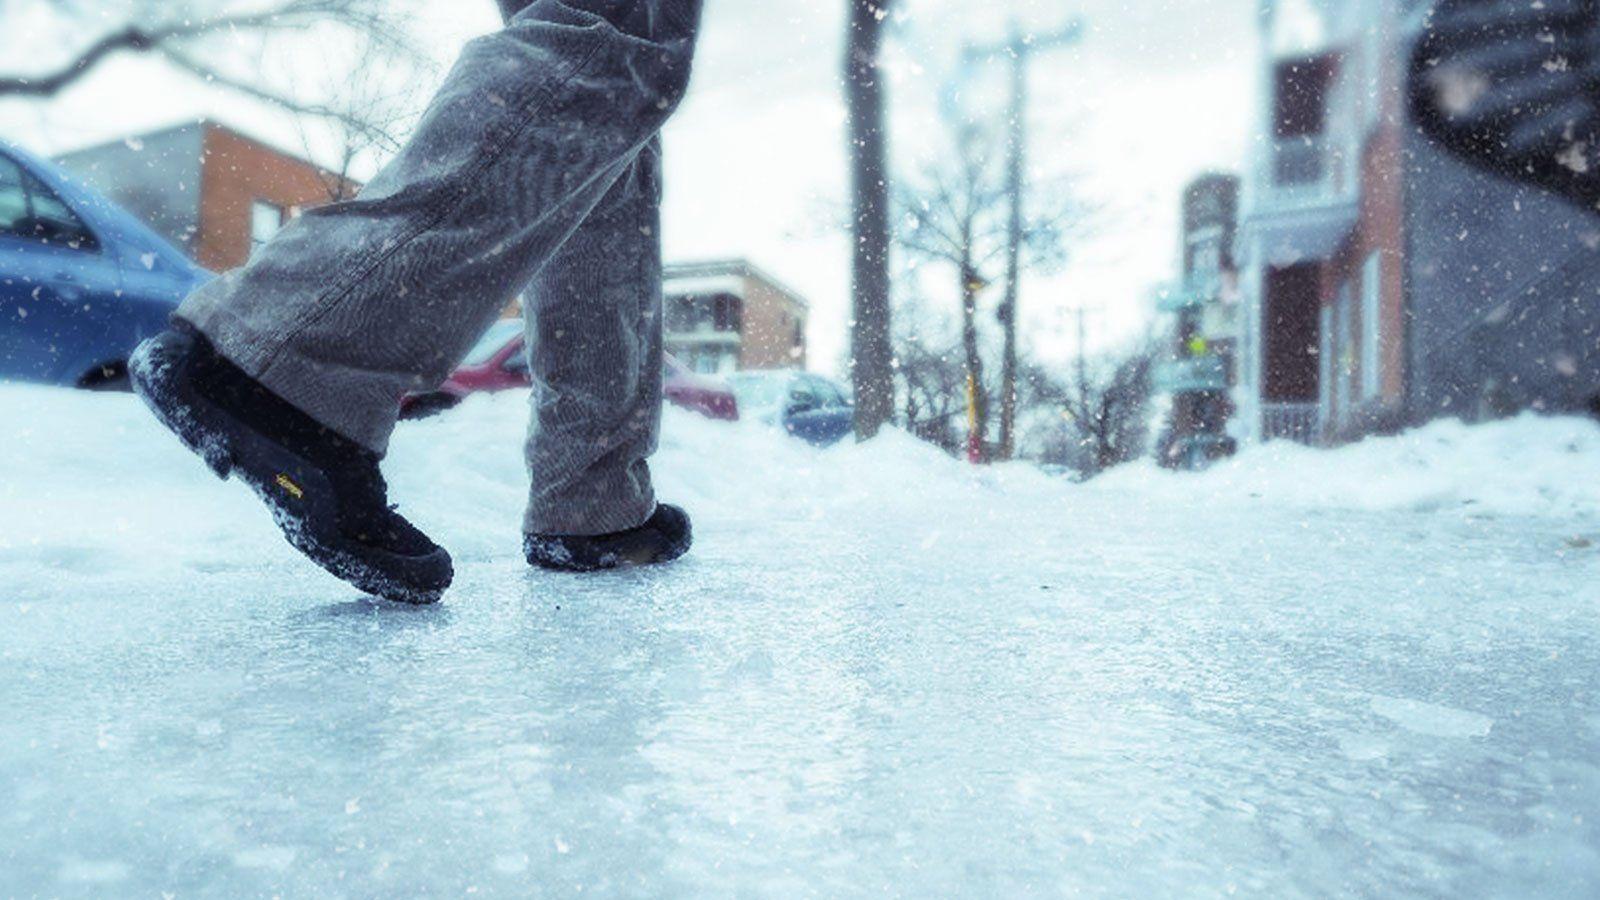 В Ростове назвали улицы, которые будут перекрывать из-за гололеда и ливня